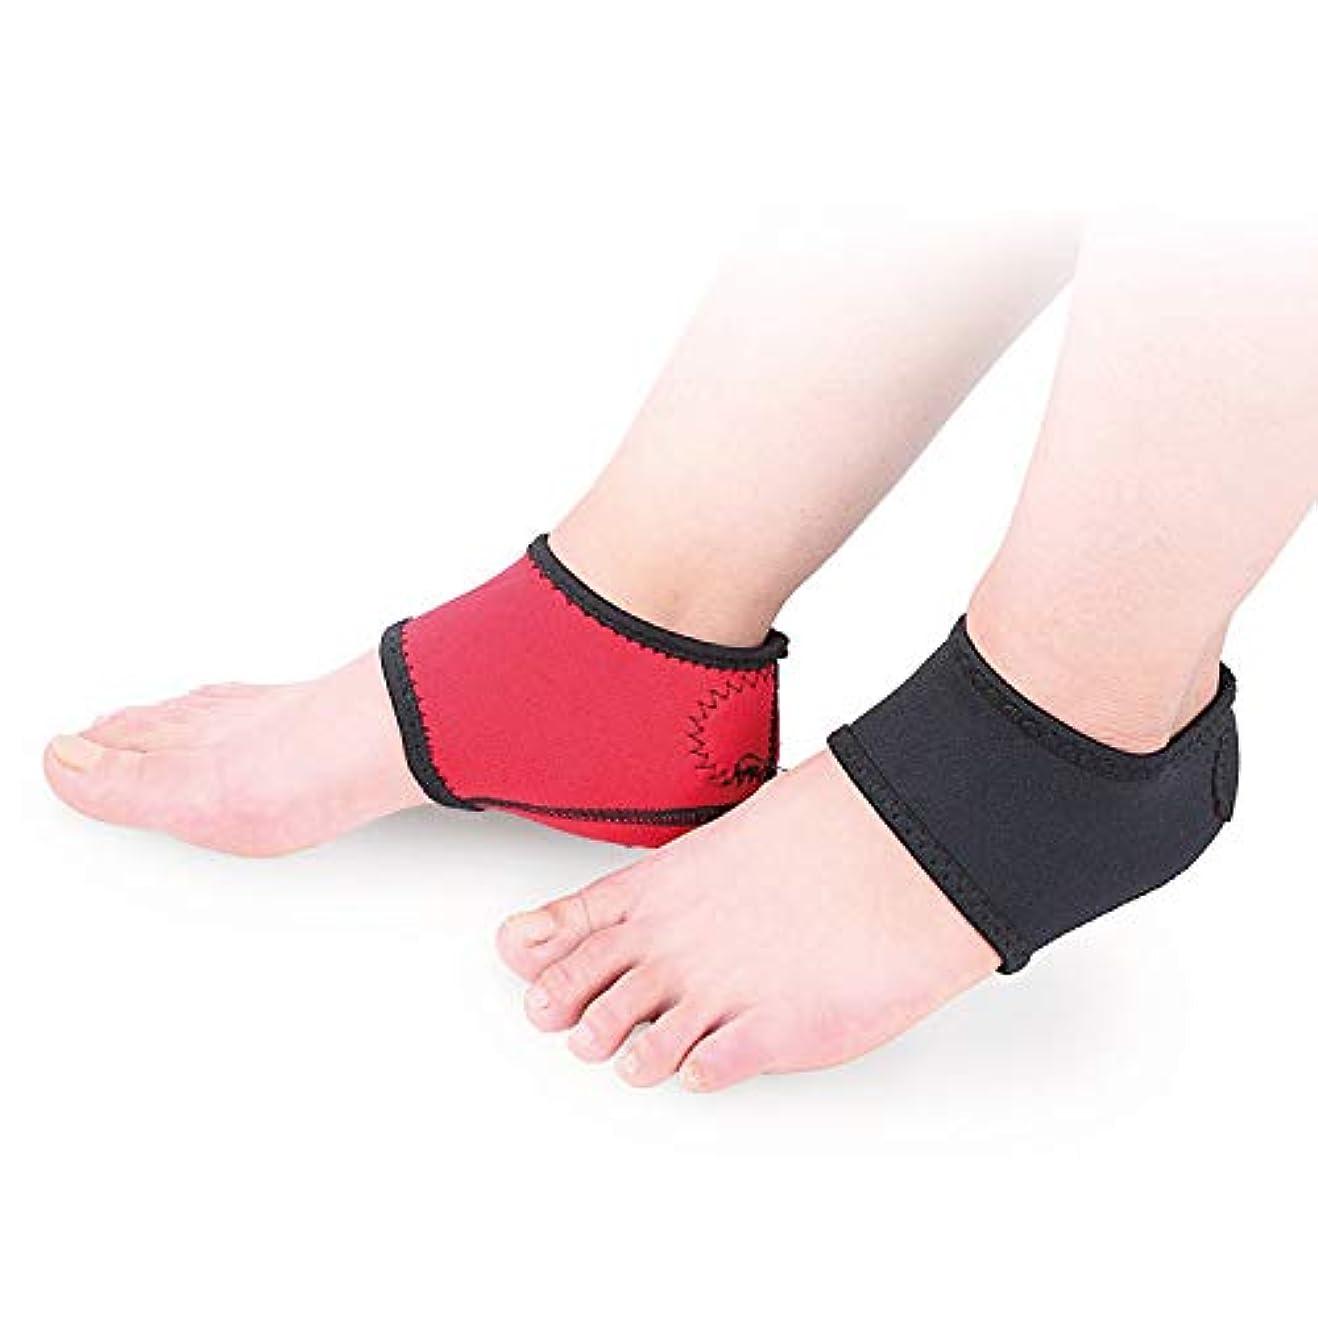 実験室安心させるトラフィックかかとサポーター 2個セット 靴下 足底筋膜炎 保護 痛み軽減 剣道 ウォーキング